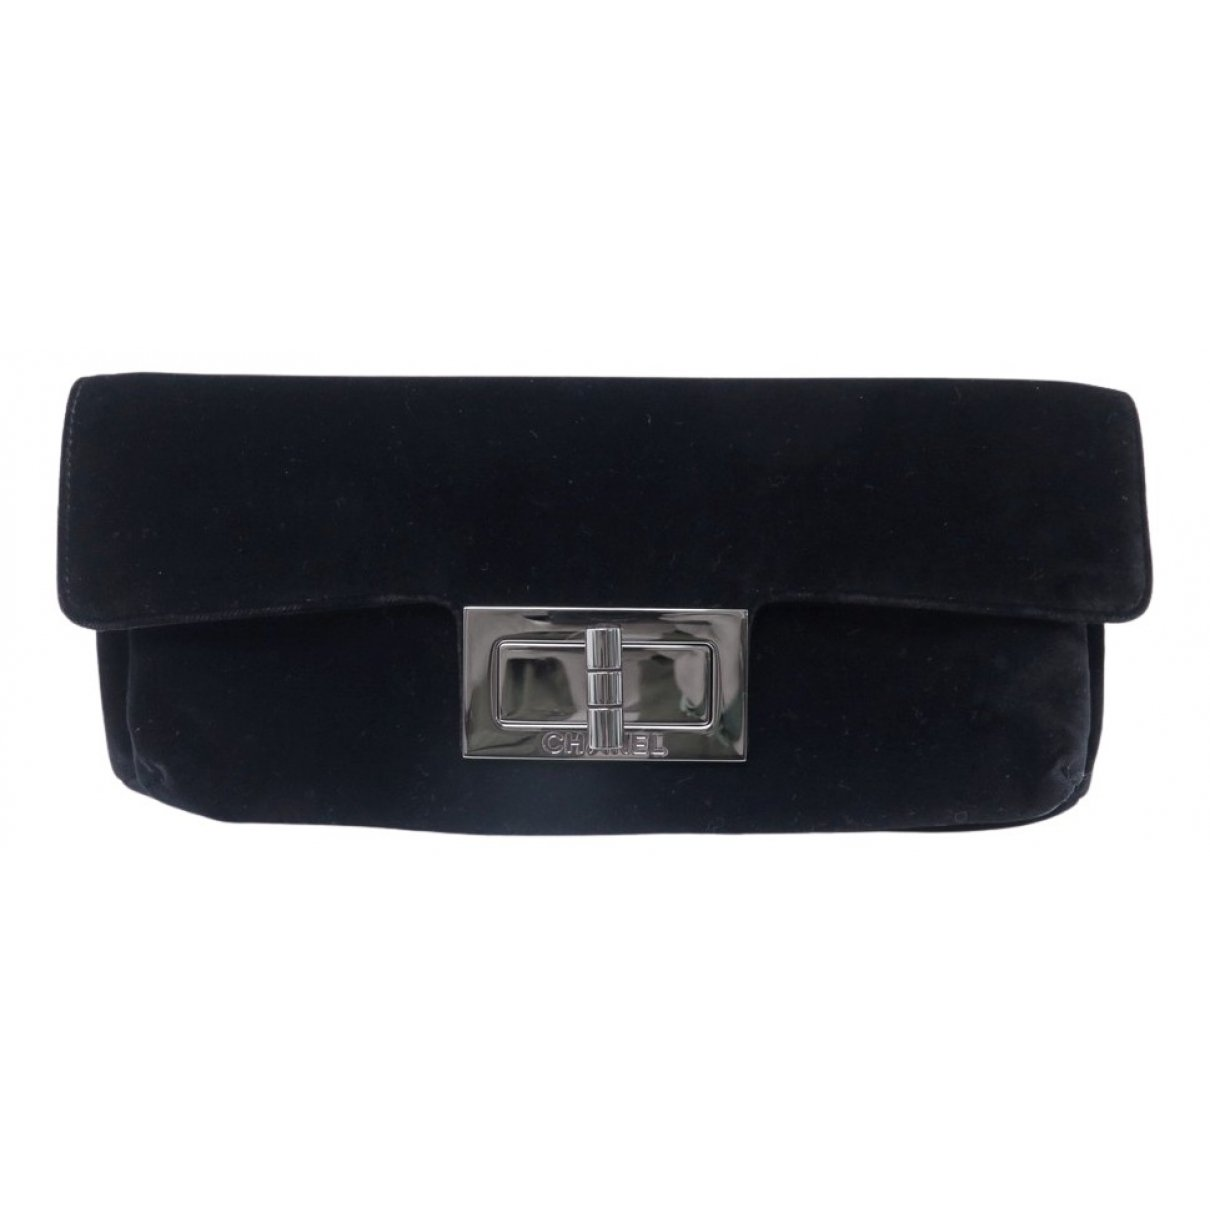 Chanel 2.55 Black Velvet Clutch Bag for Women